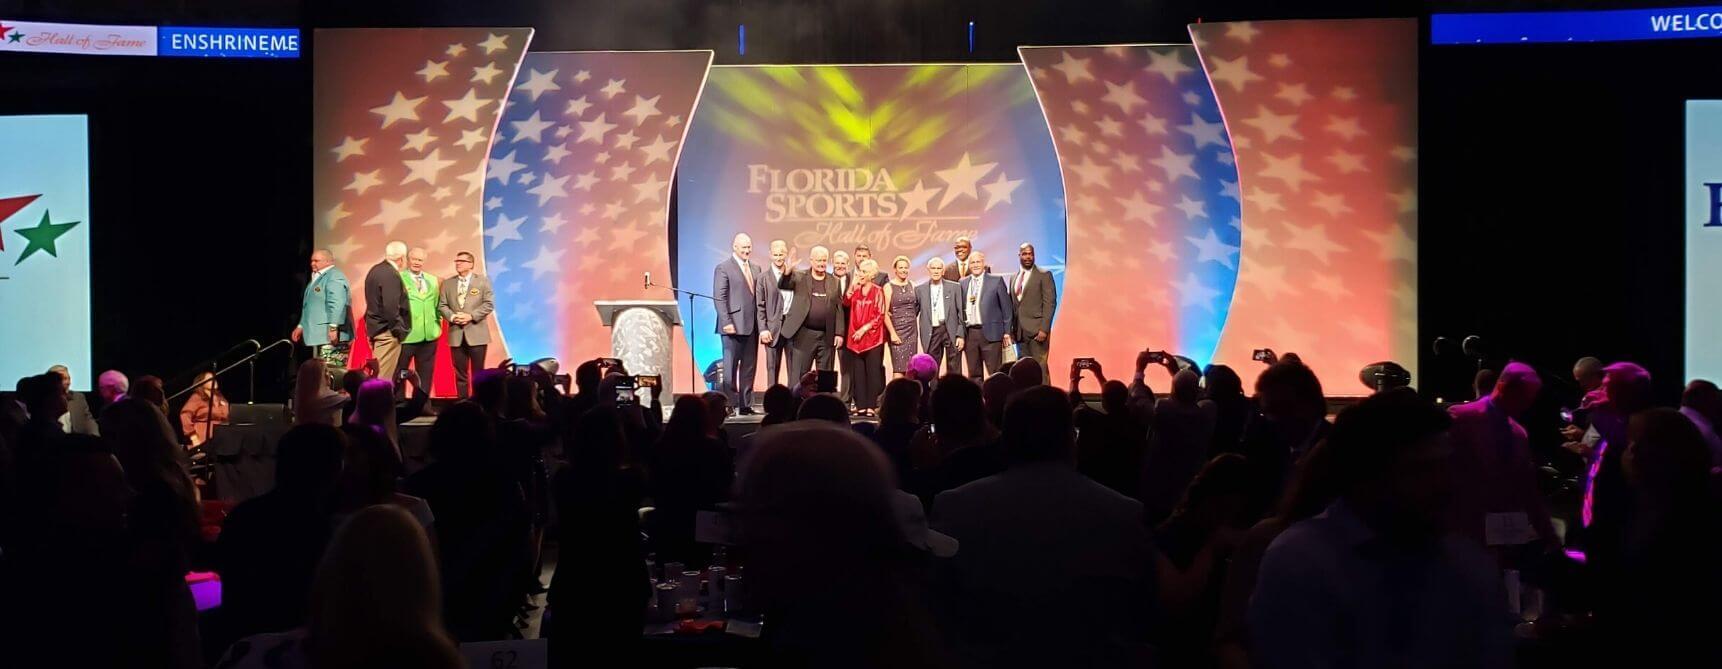 4 Florida Sports Awards Ceremony Event